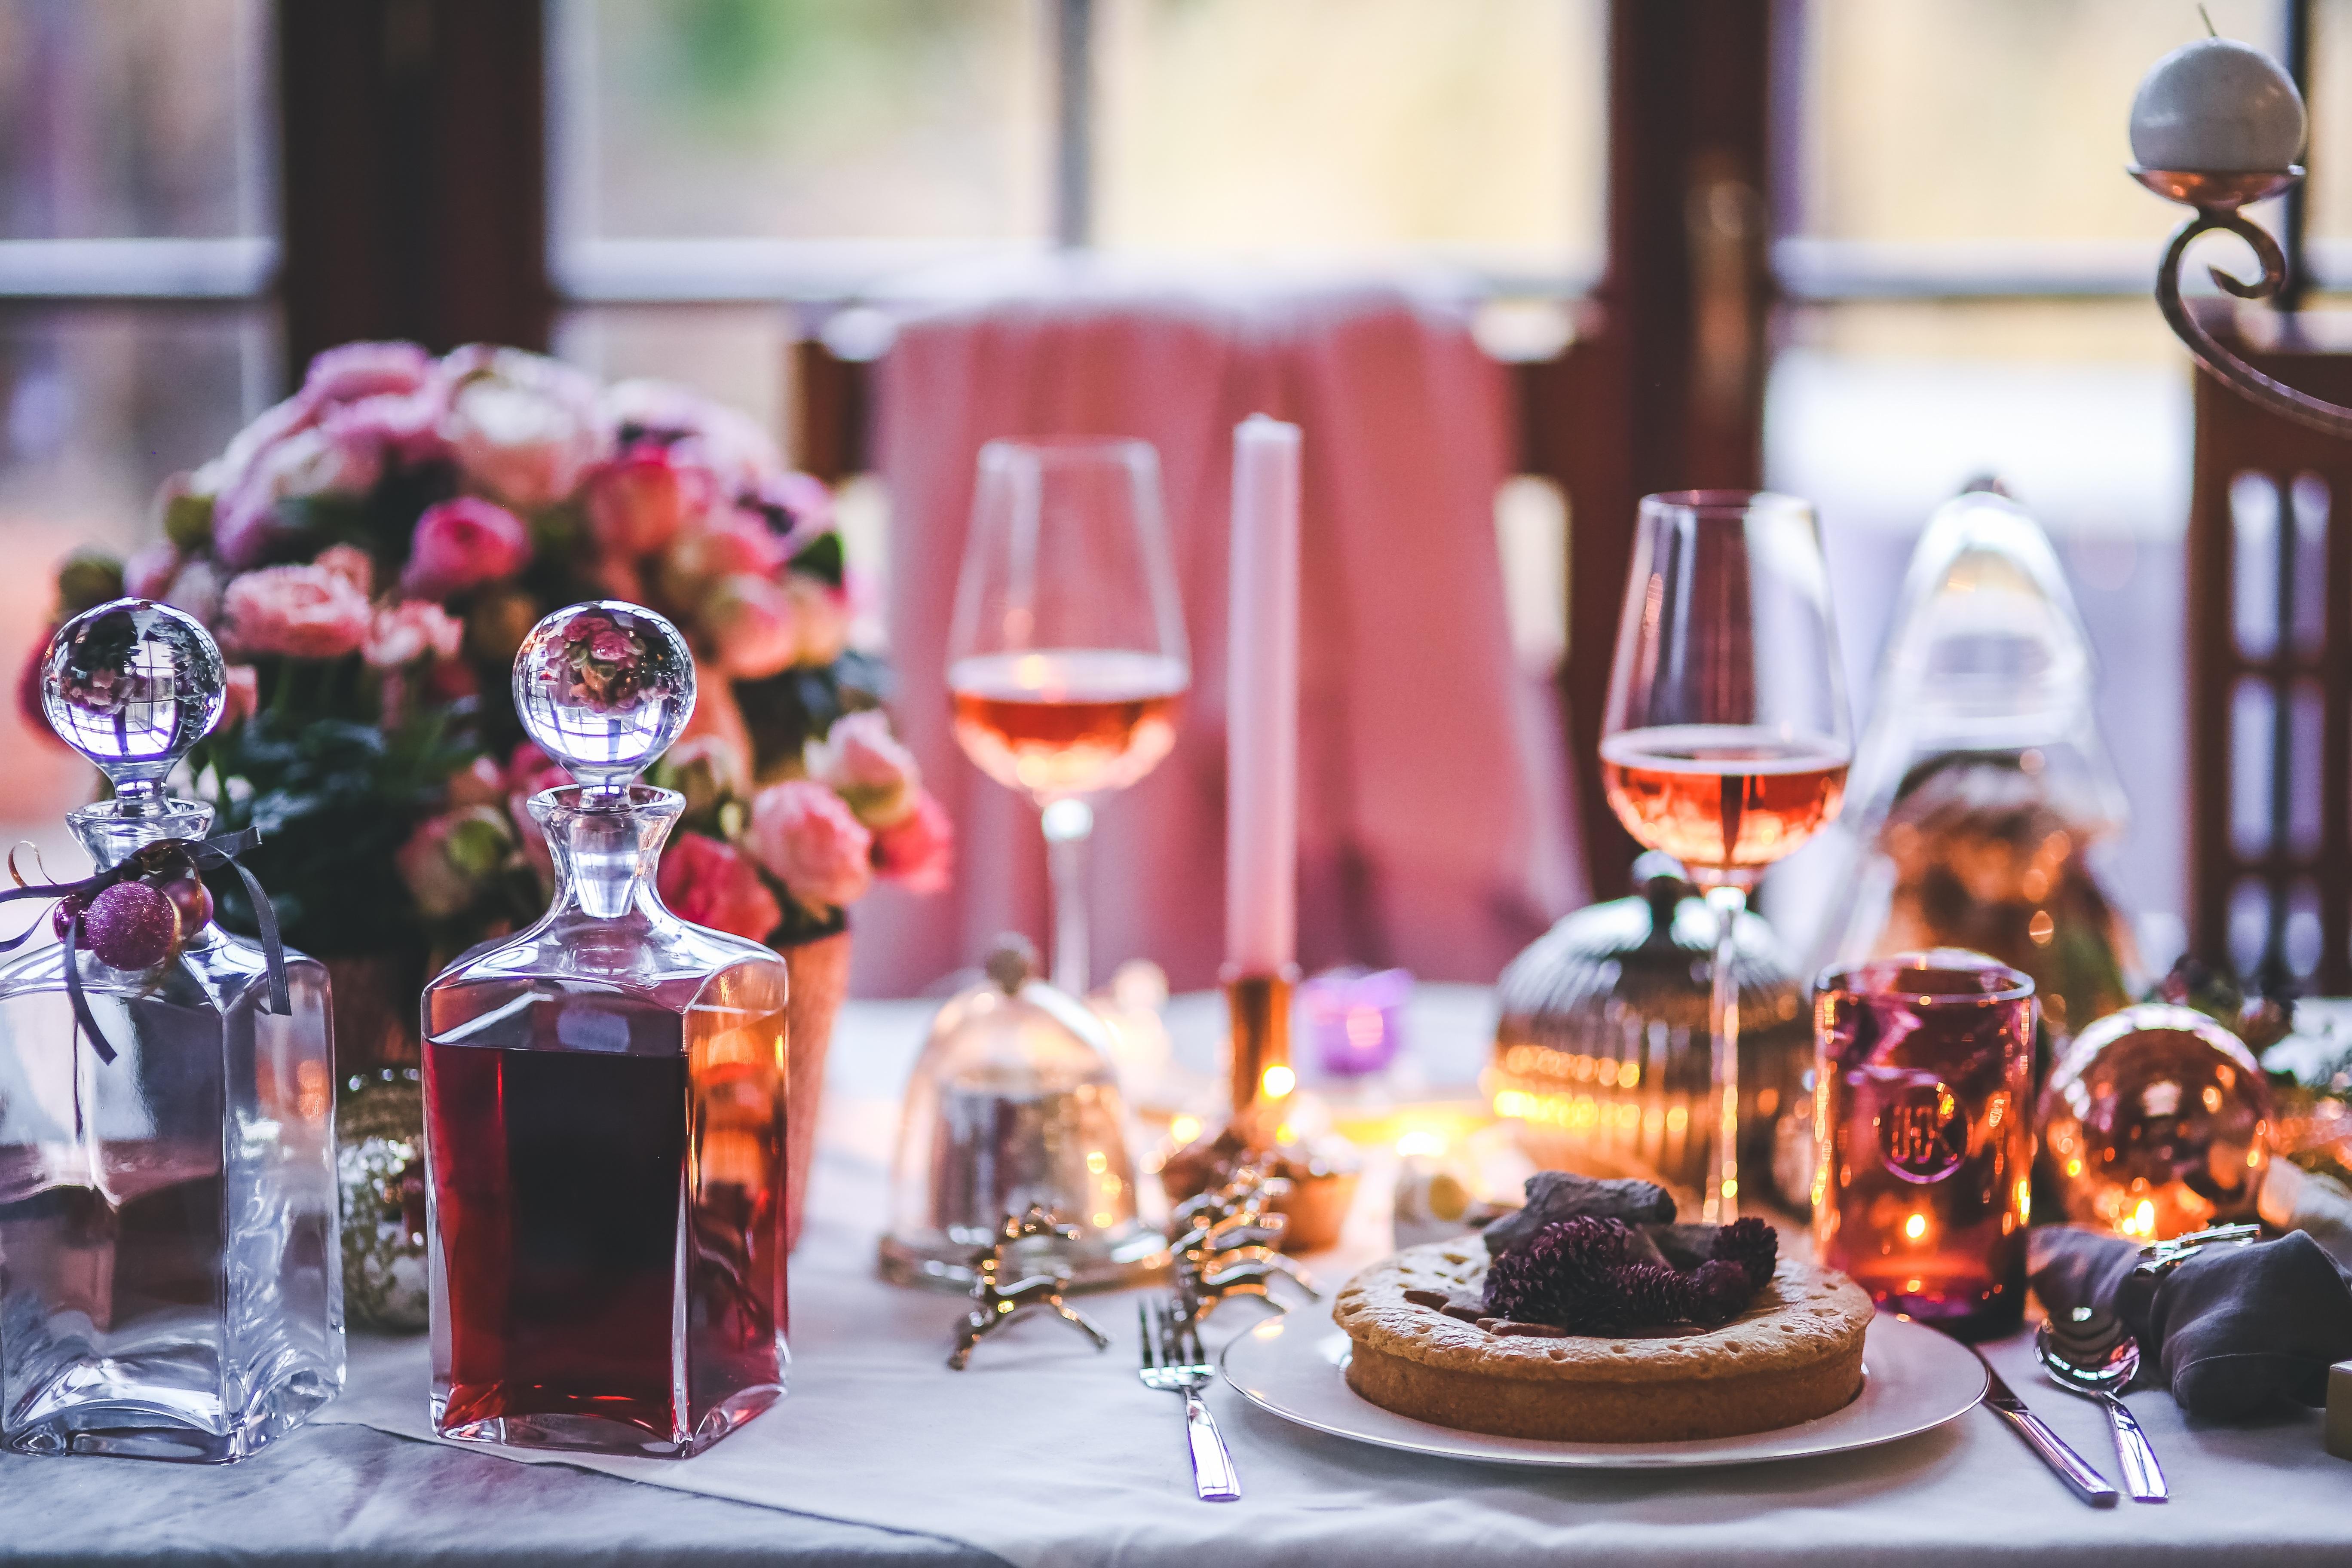 table-wine-meal-set-christmas-wedding-722561-pxhere.com